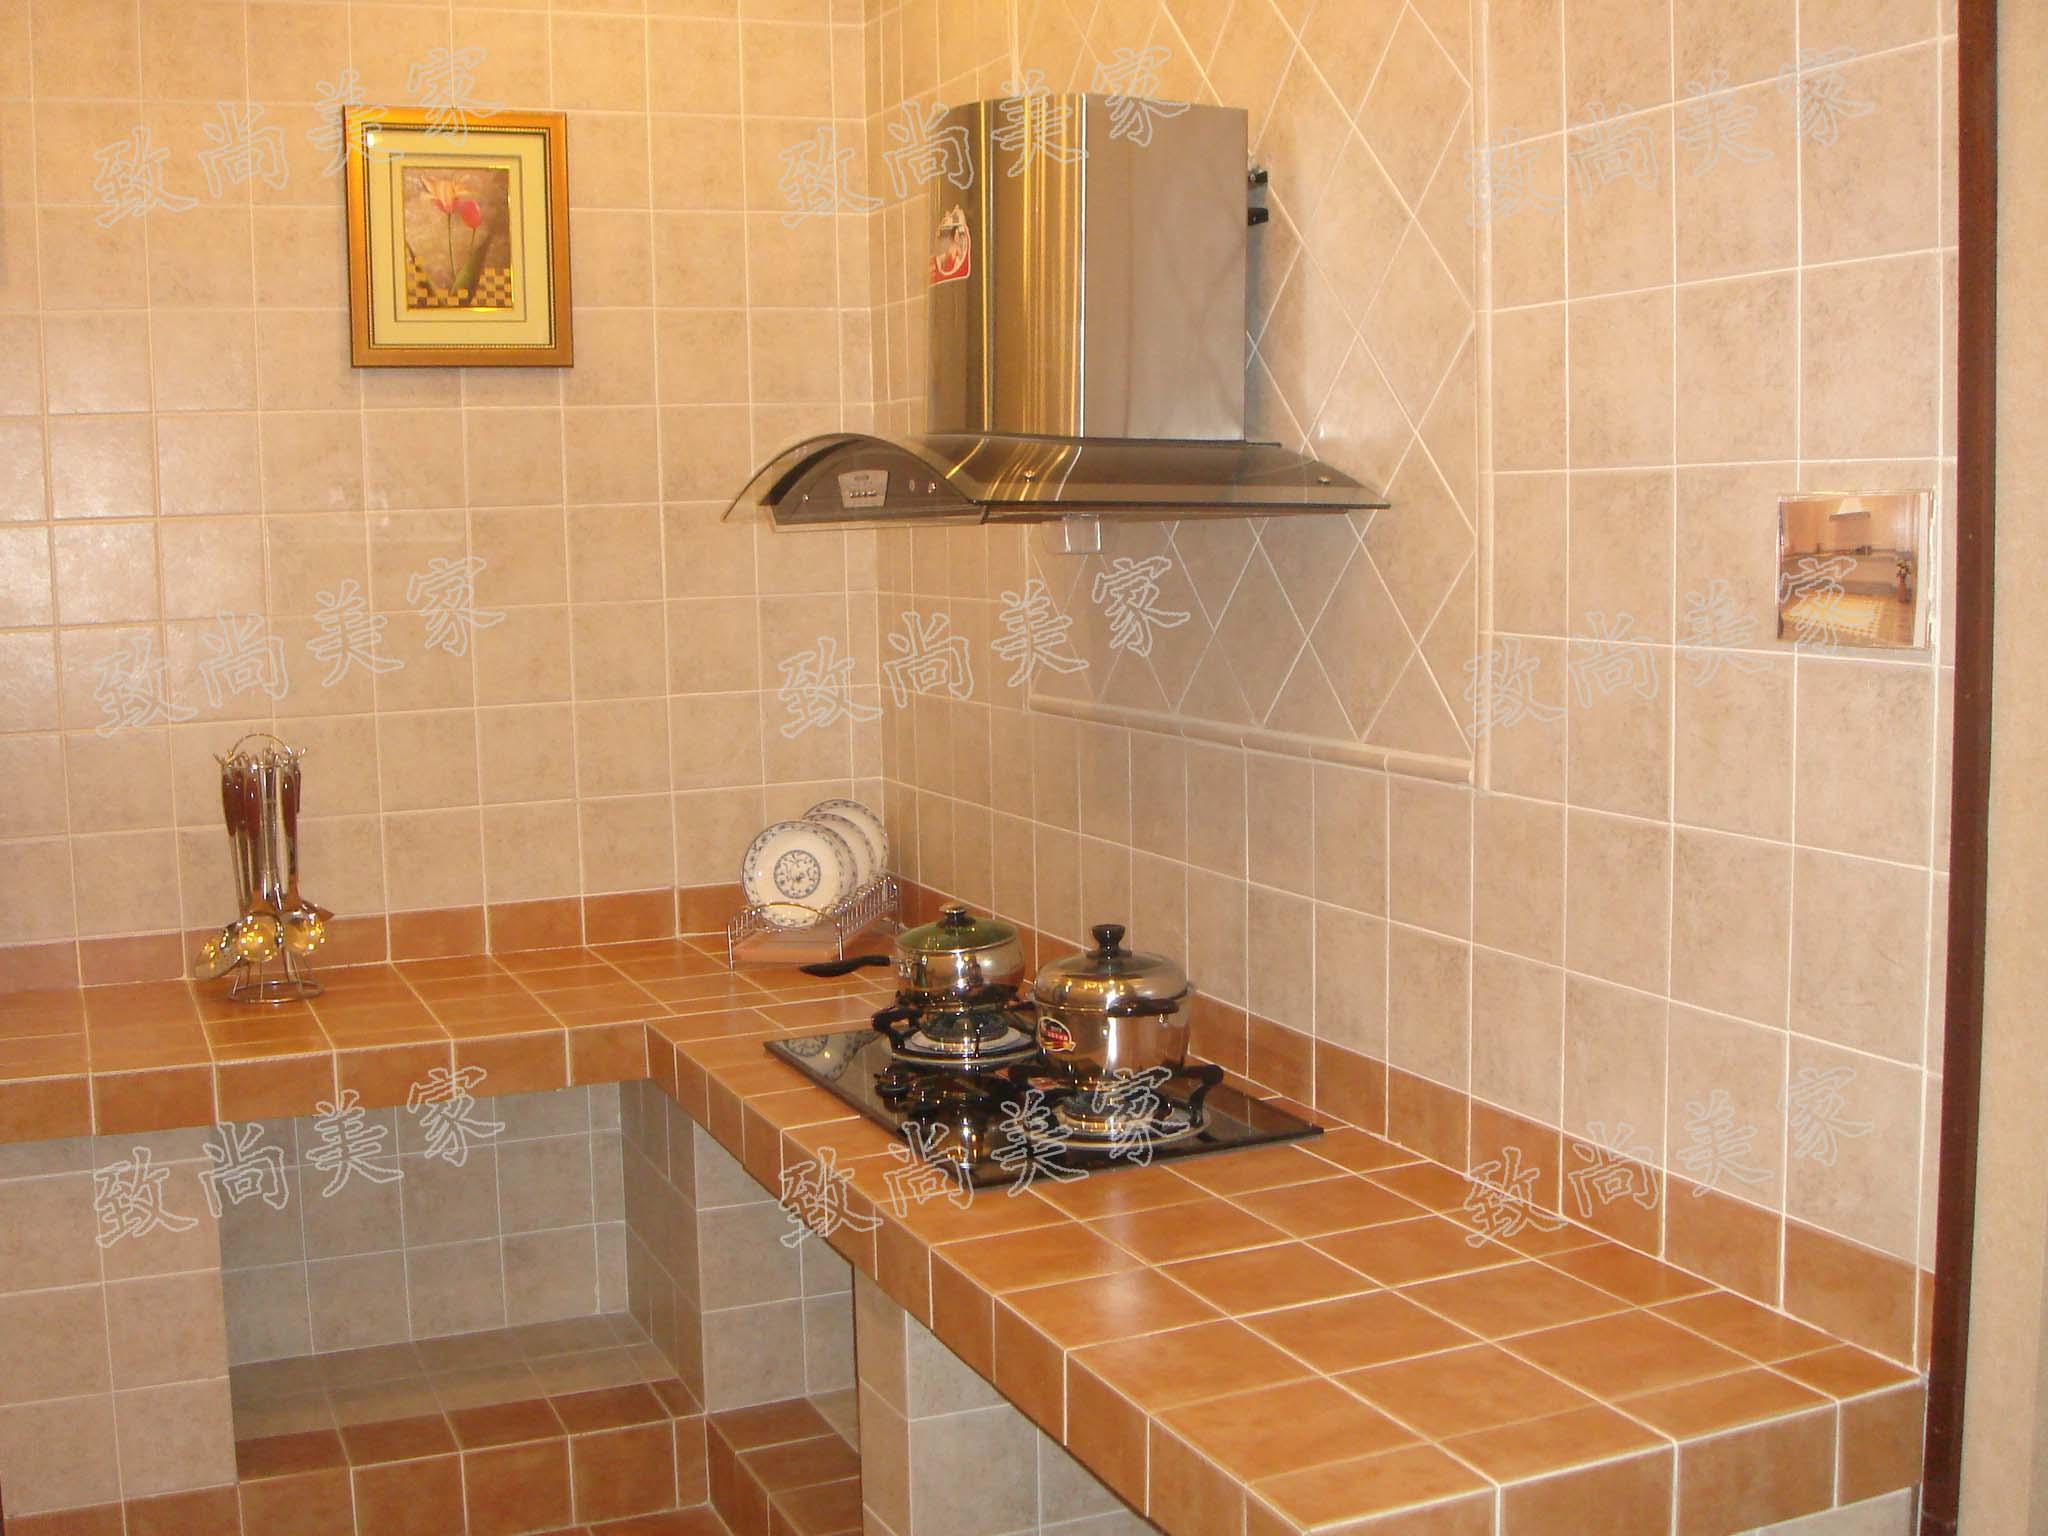 厕所 家居 设计 卫生间 卫生间装修 装修 2048_1536